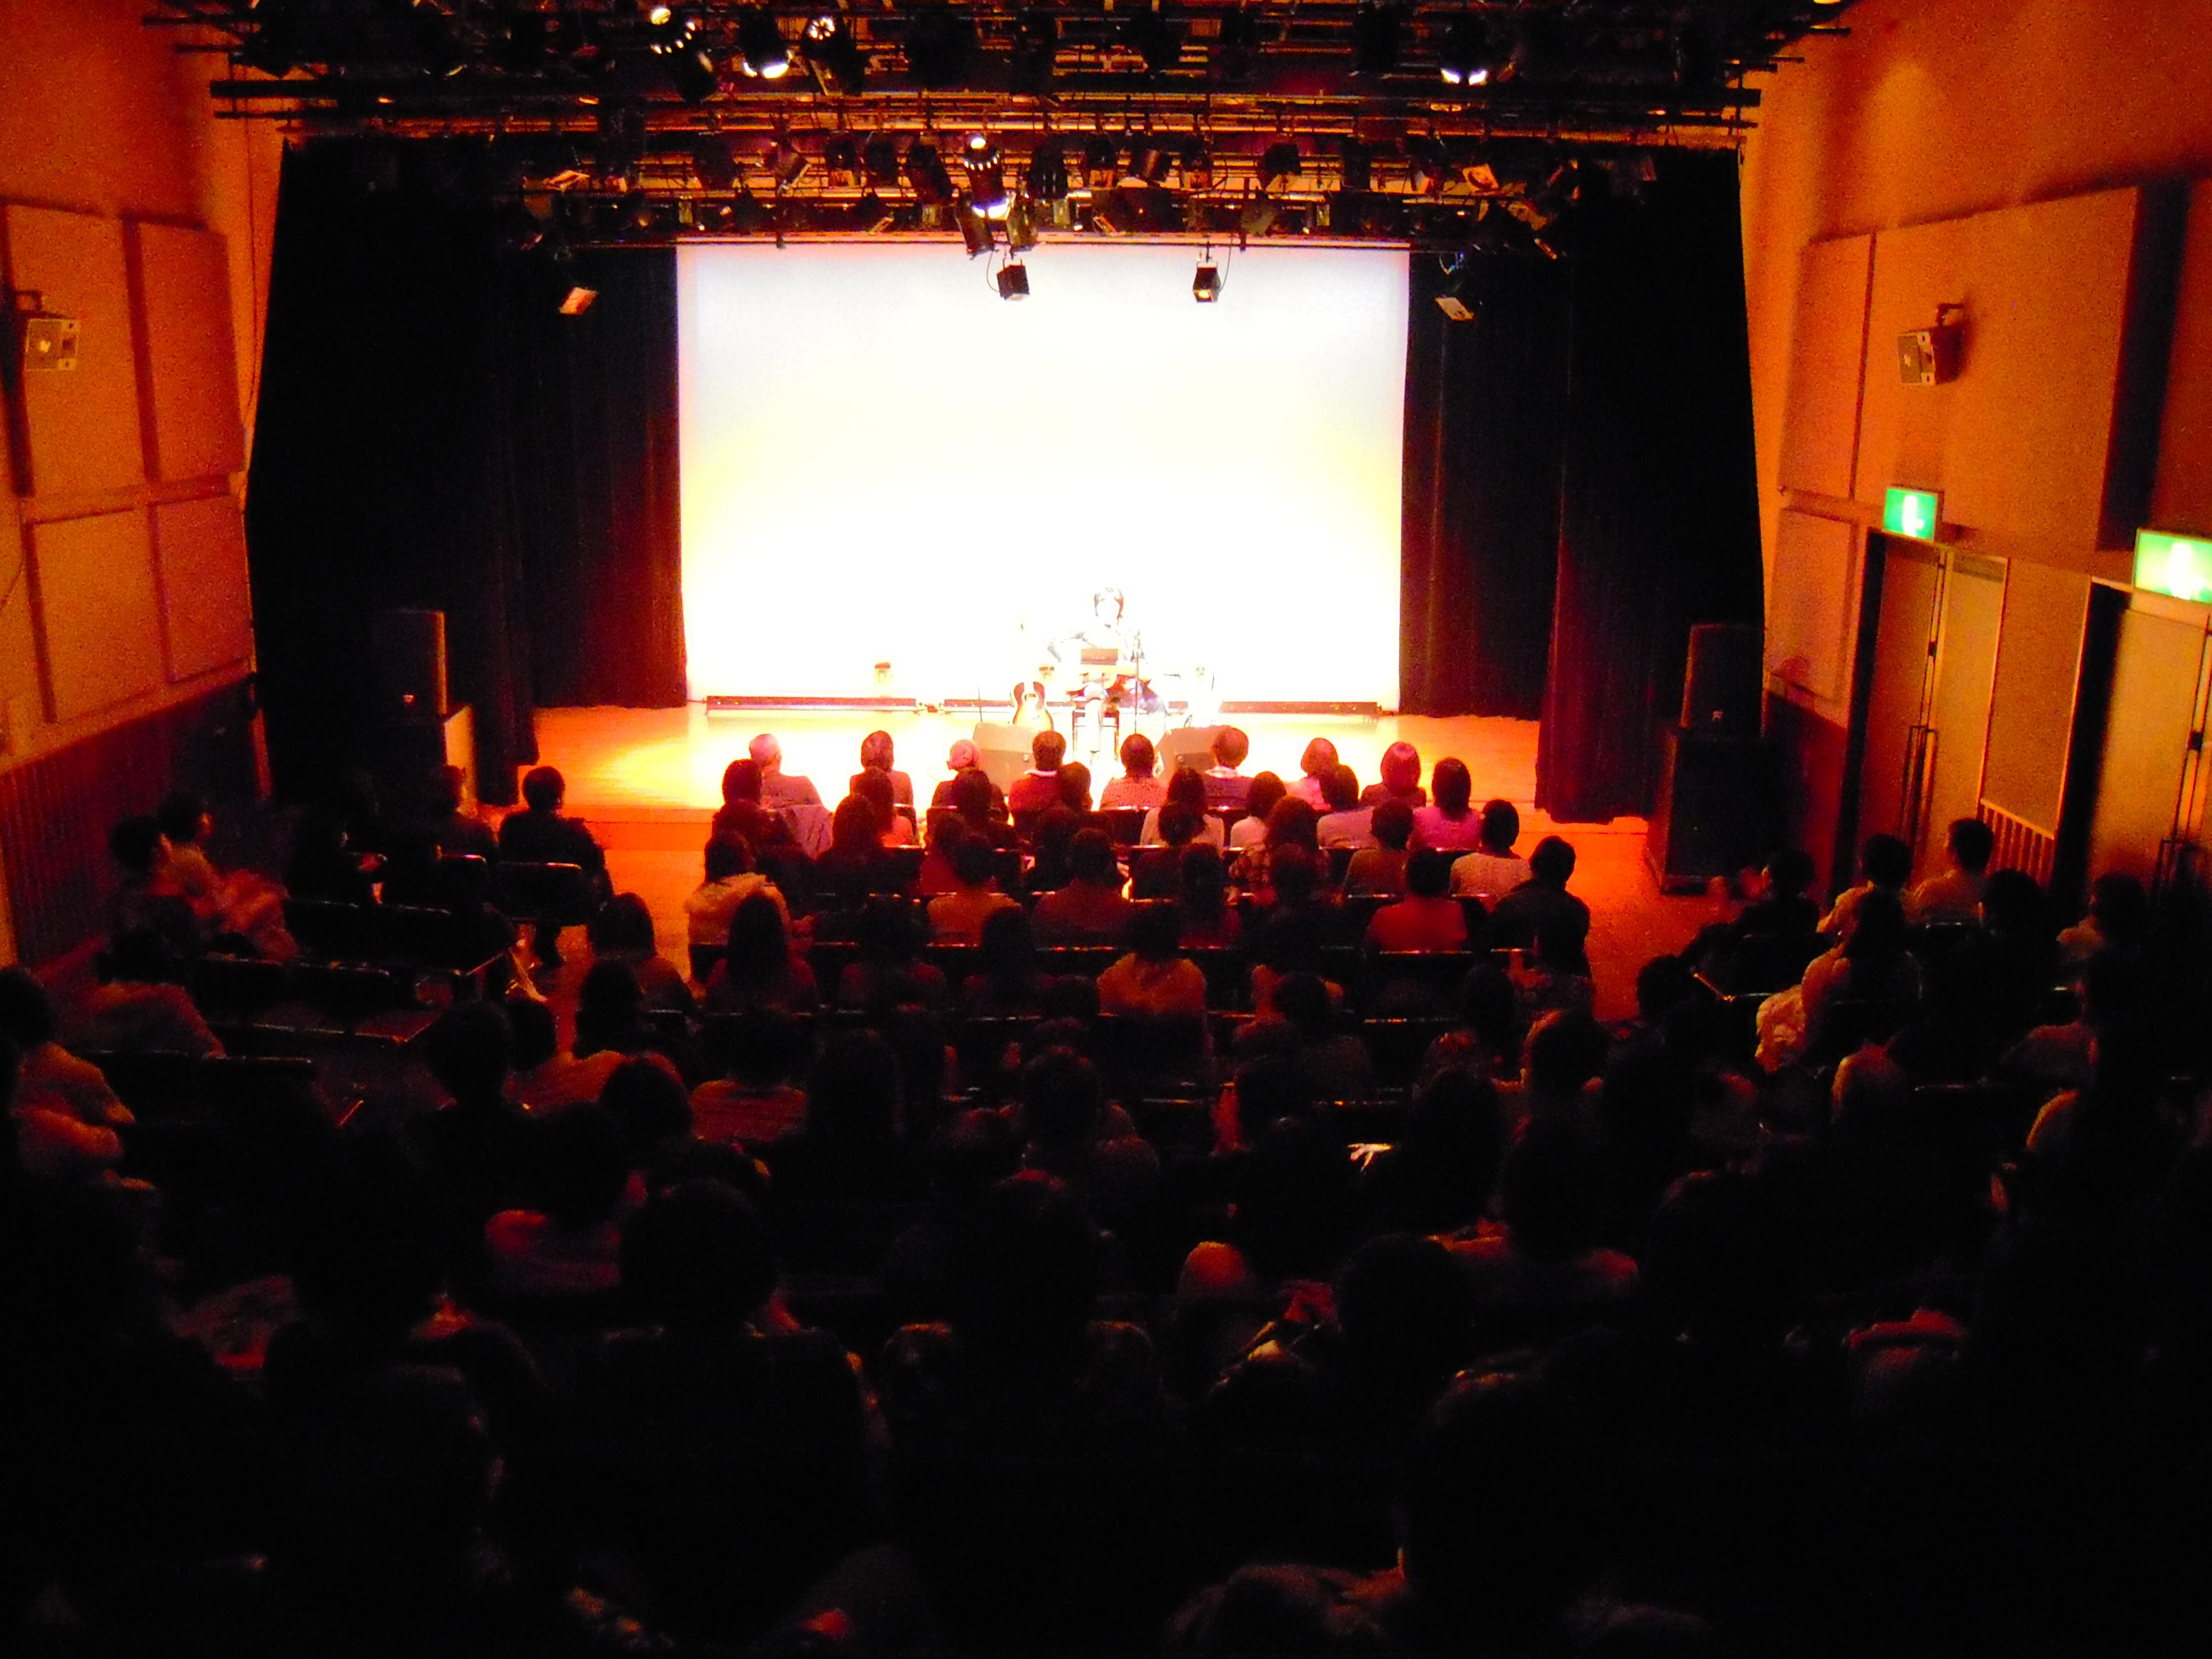 ステージと客席が一体と化した2時間でした